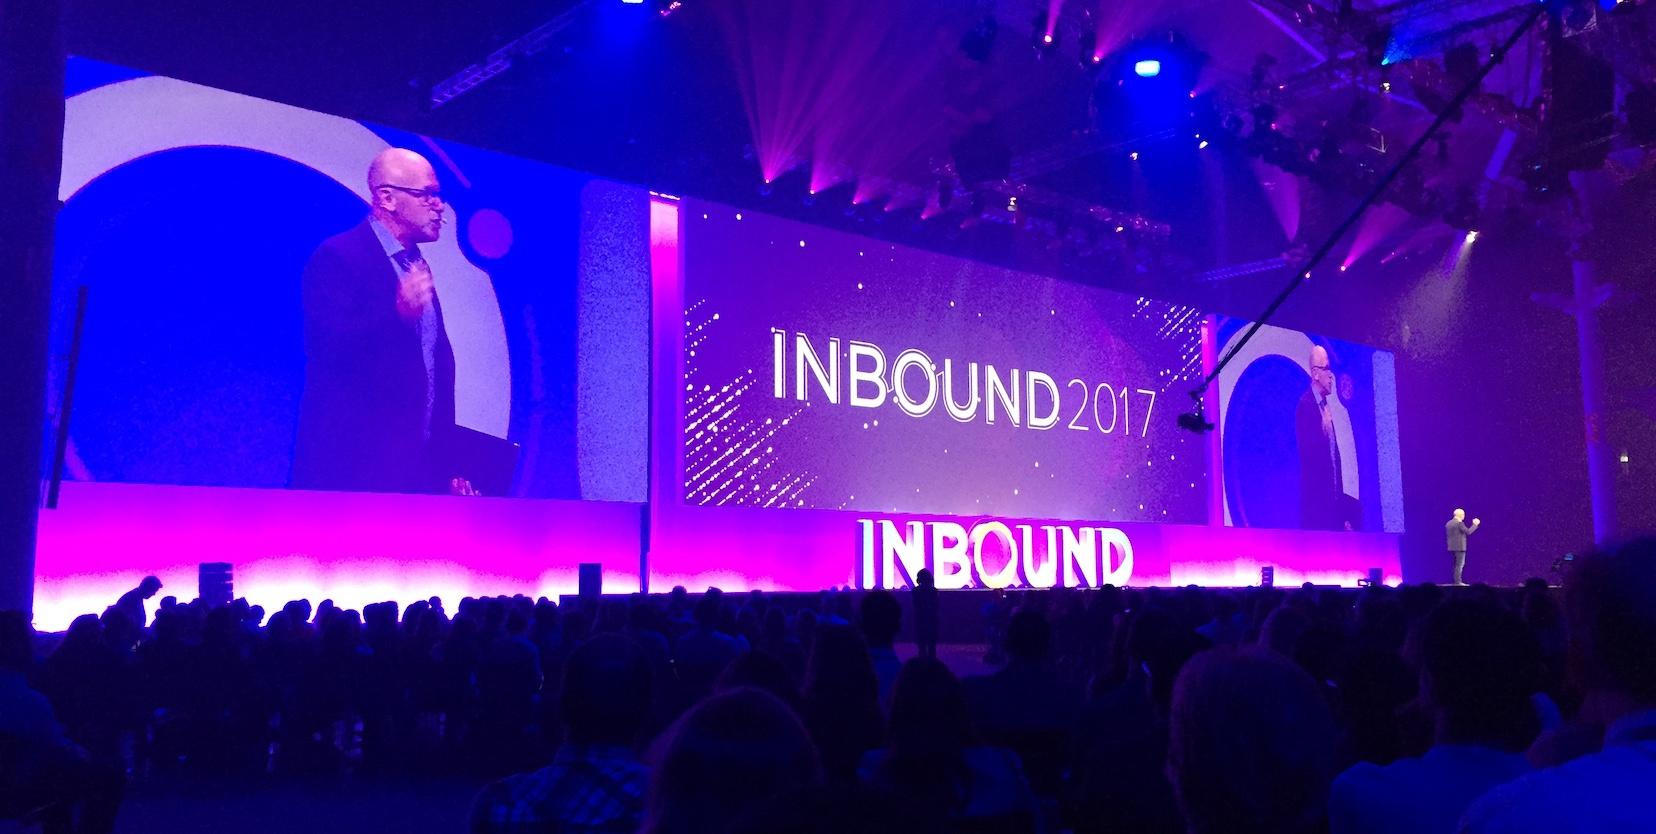 inbound-2017-opening.jpg